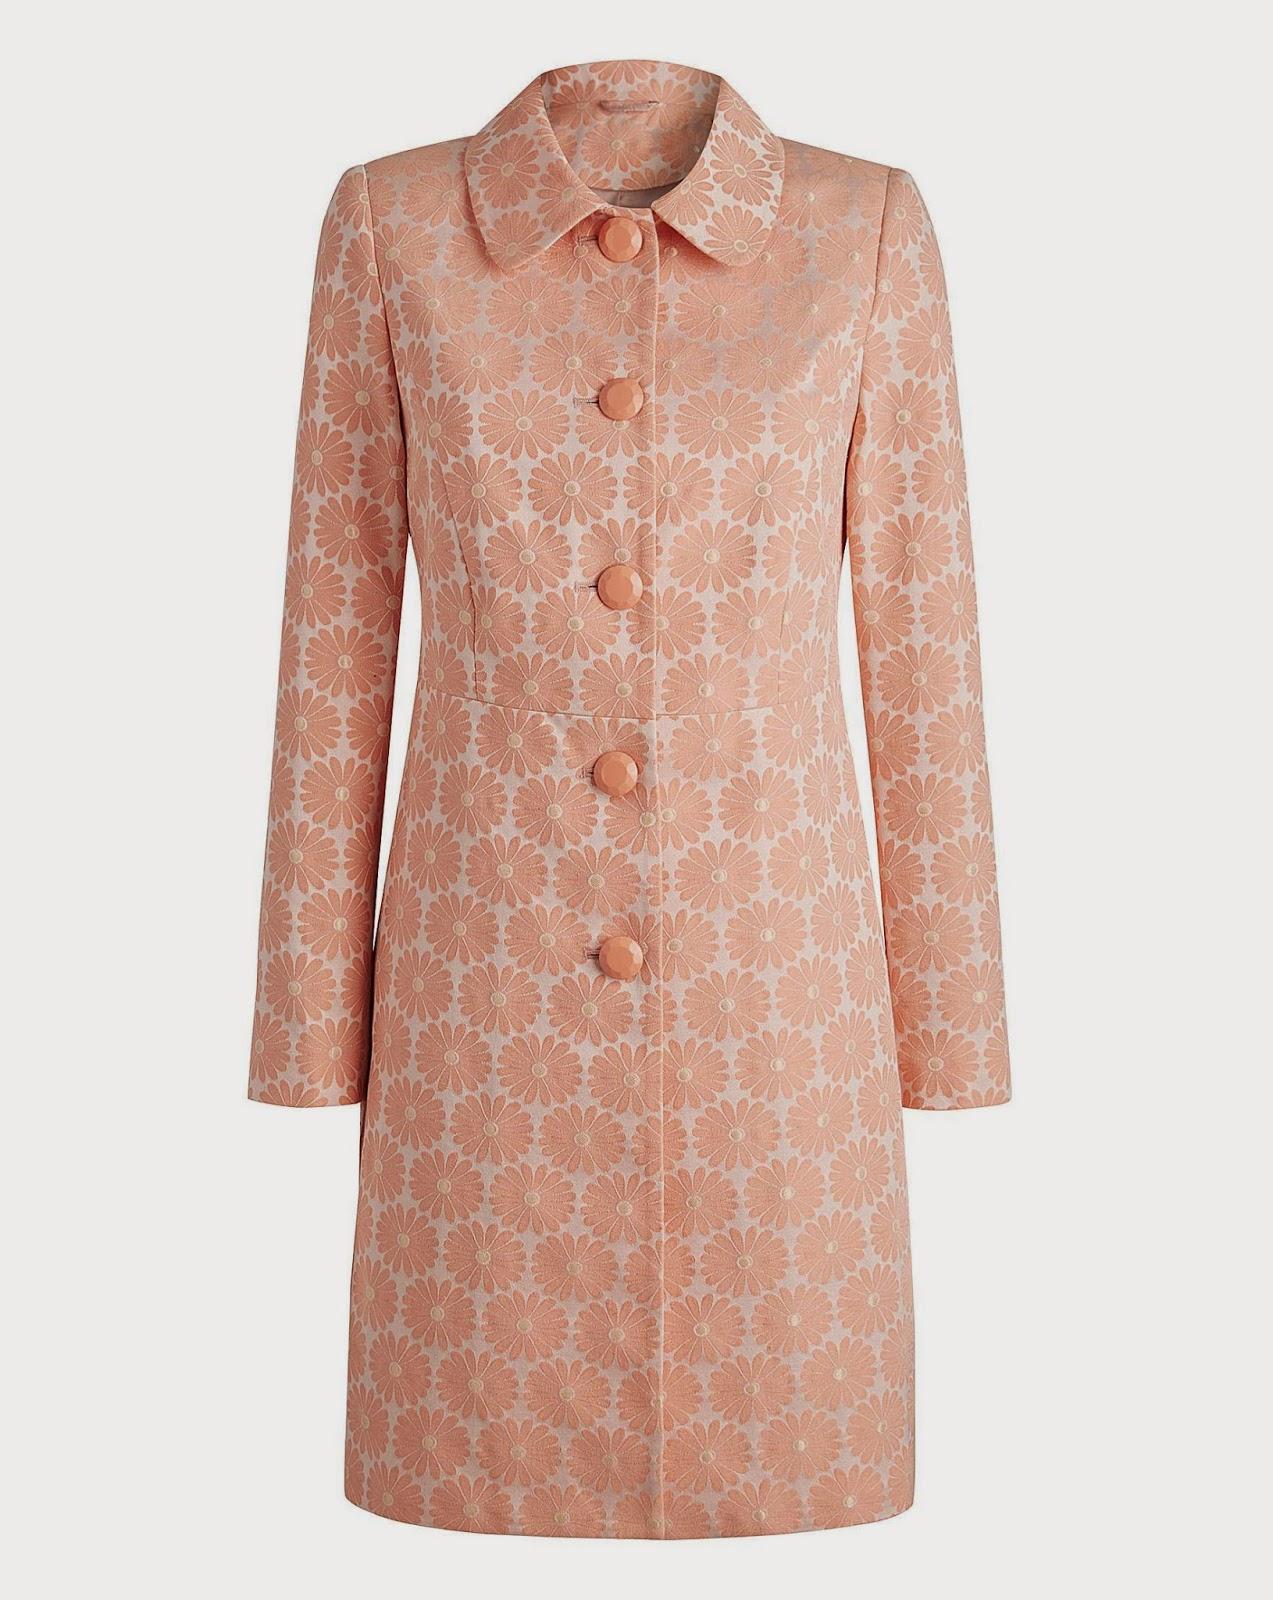 Simply Be Joanna Hope Daisy Jacquard Coat